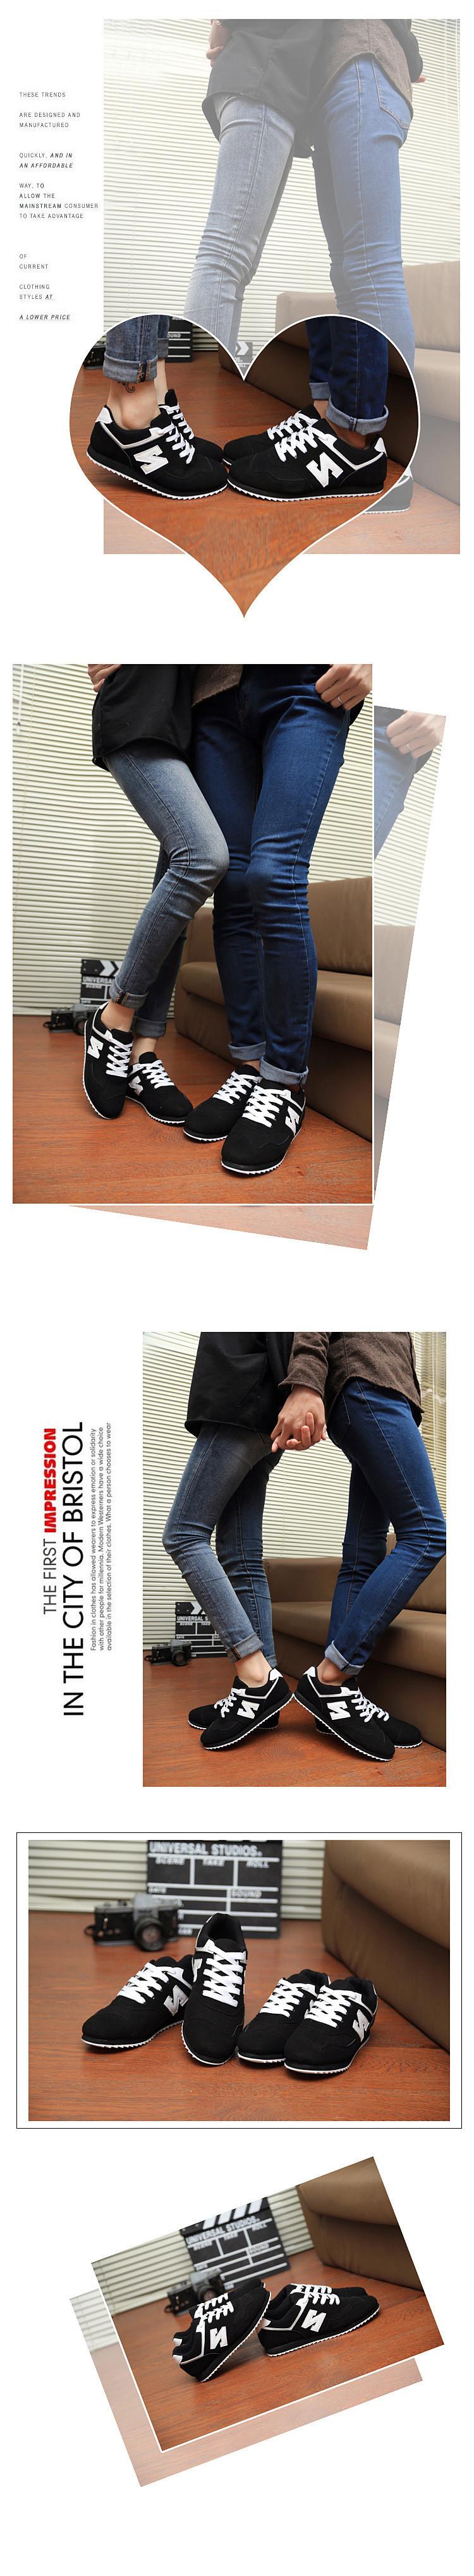 настоящее новый средний дышащий массаж мода ПУ мужчины тапки свободного покроя обувь на открытом воздухе спорта холст мужская плоским бесплатная доставка